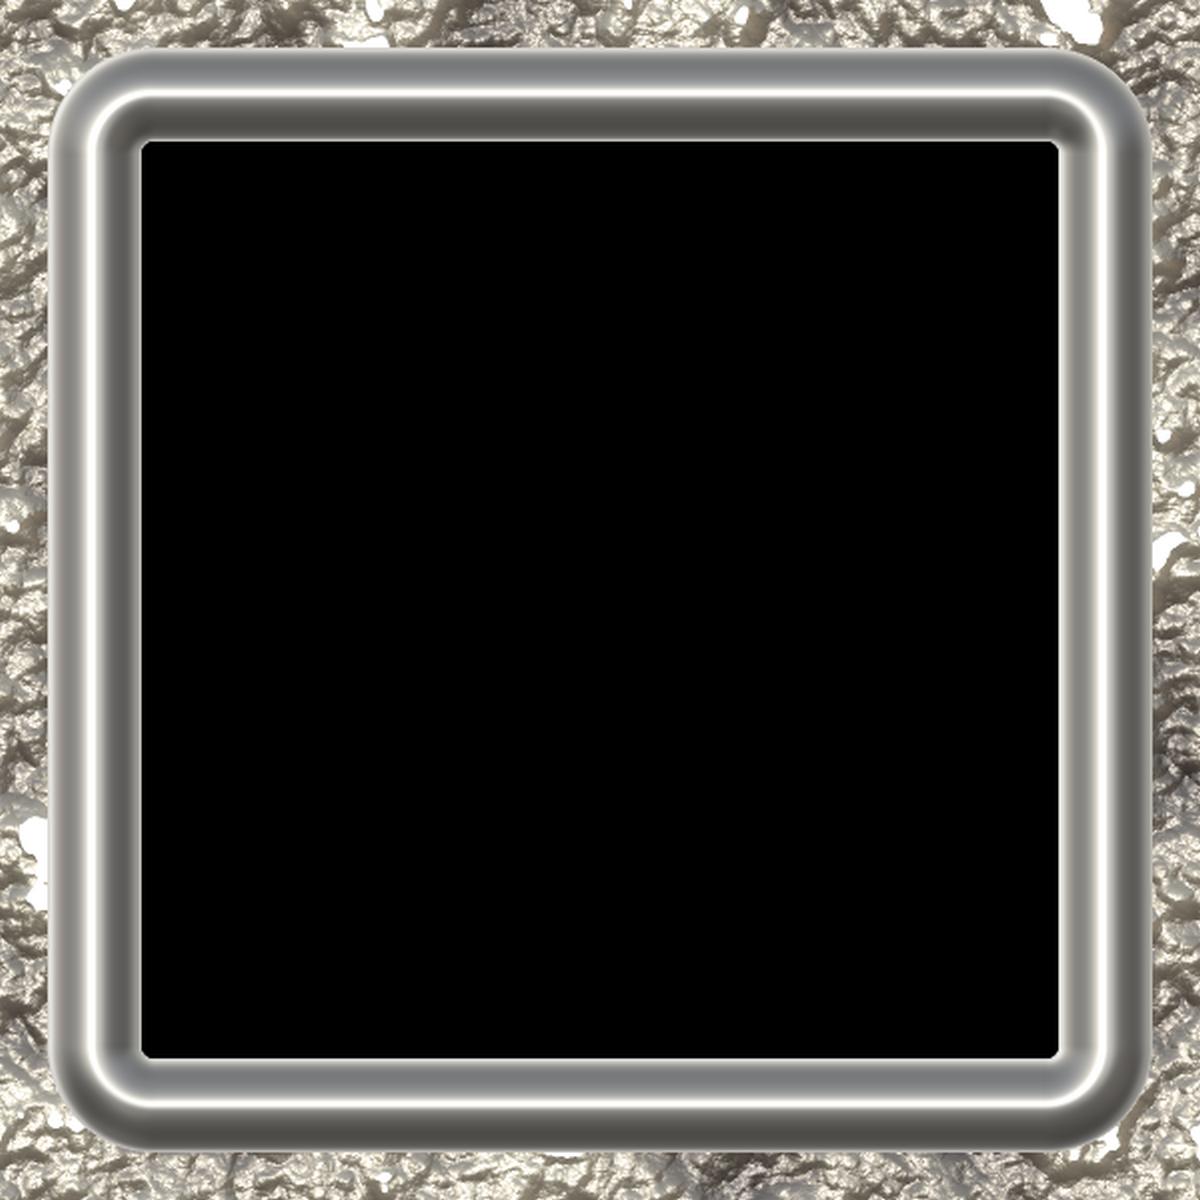 gisoft free png images gratuit images png de cadres sur fond 100 transparent pour vos. Black Bedroom Furniture Sets. Home Design Ideas